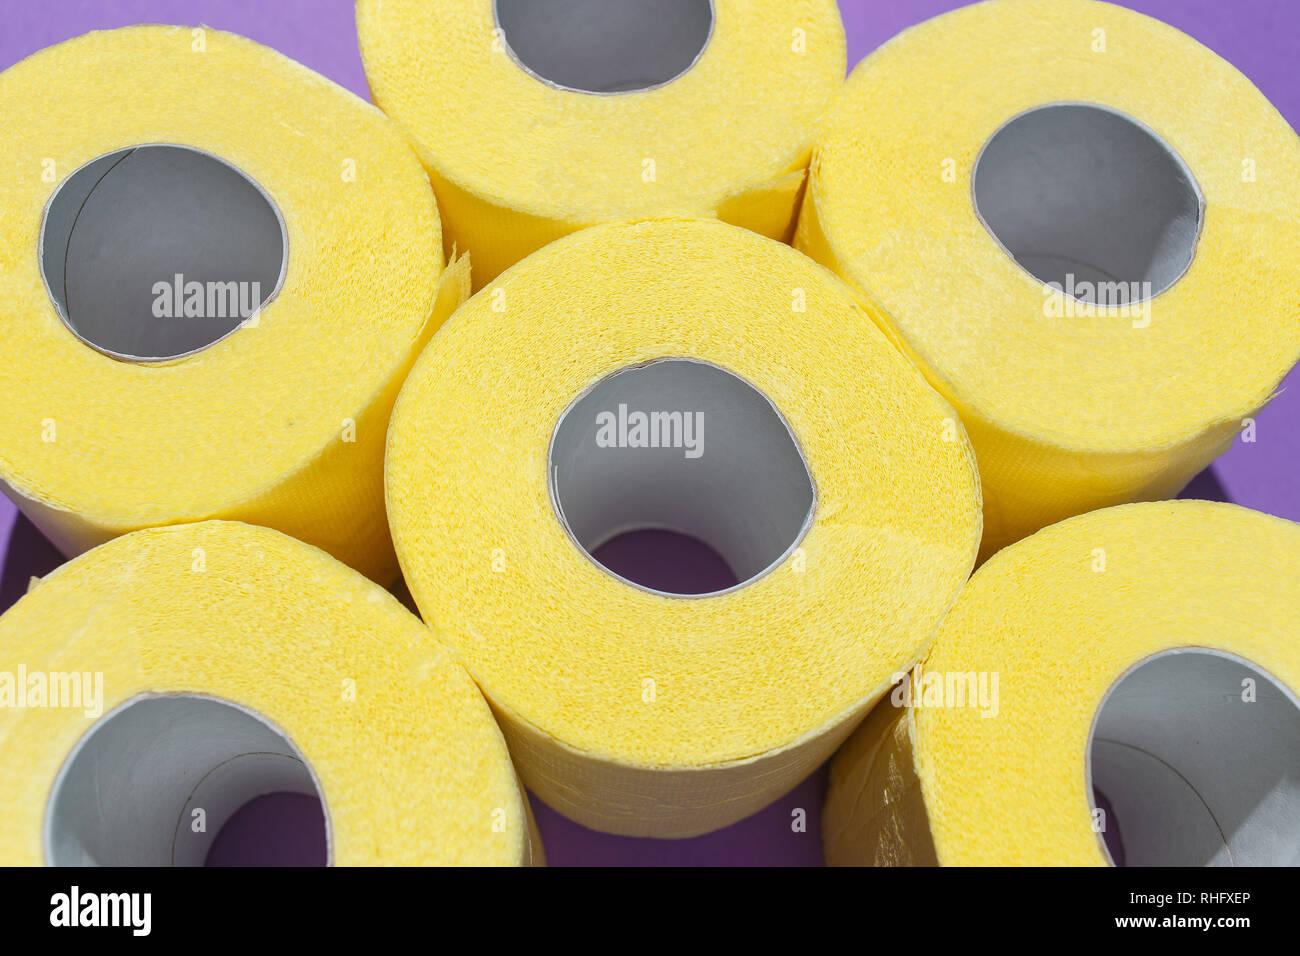 Muster Von Hellen Gelben Toilettenpapierrollen Auf Lila Hintergrund